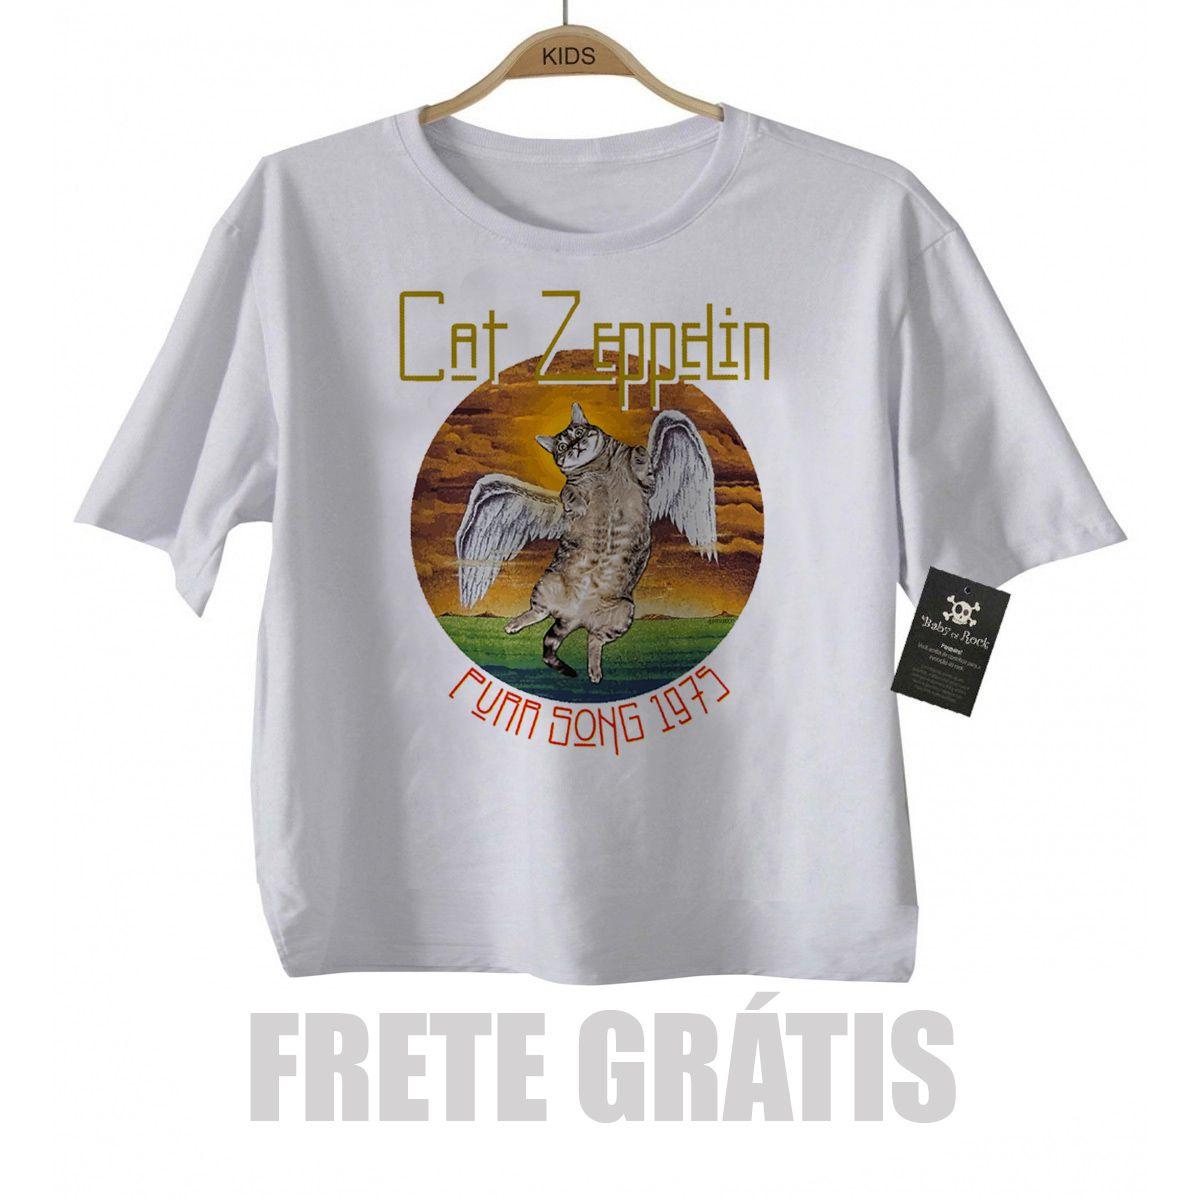 Camiseta infantil  Cat Zeppelin Cute - White  - Baby Monster - Body Bebe